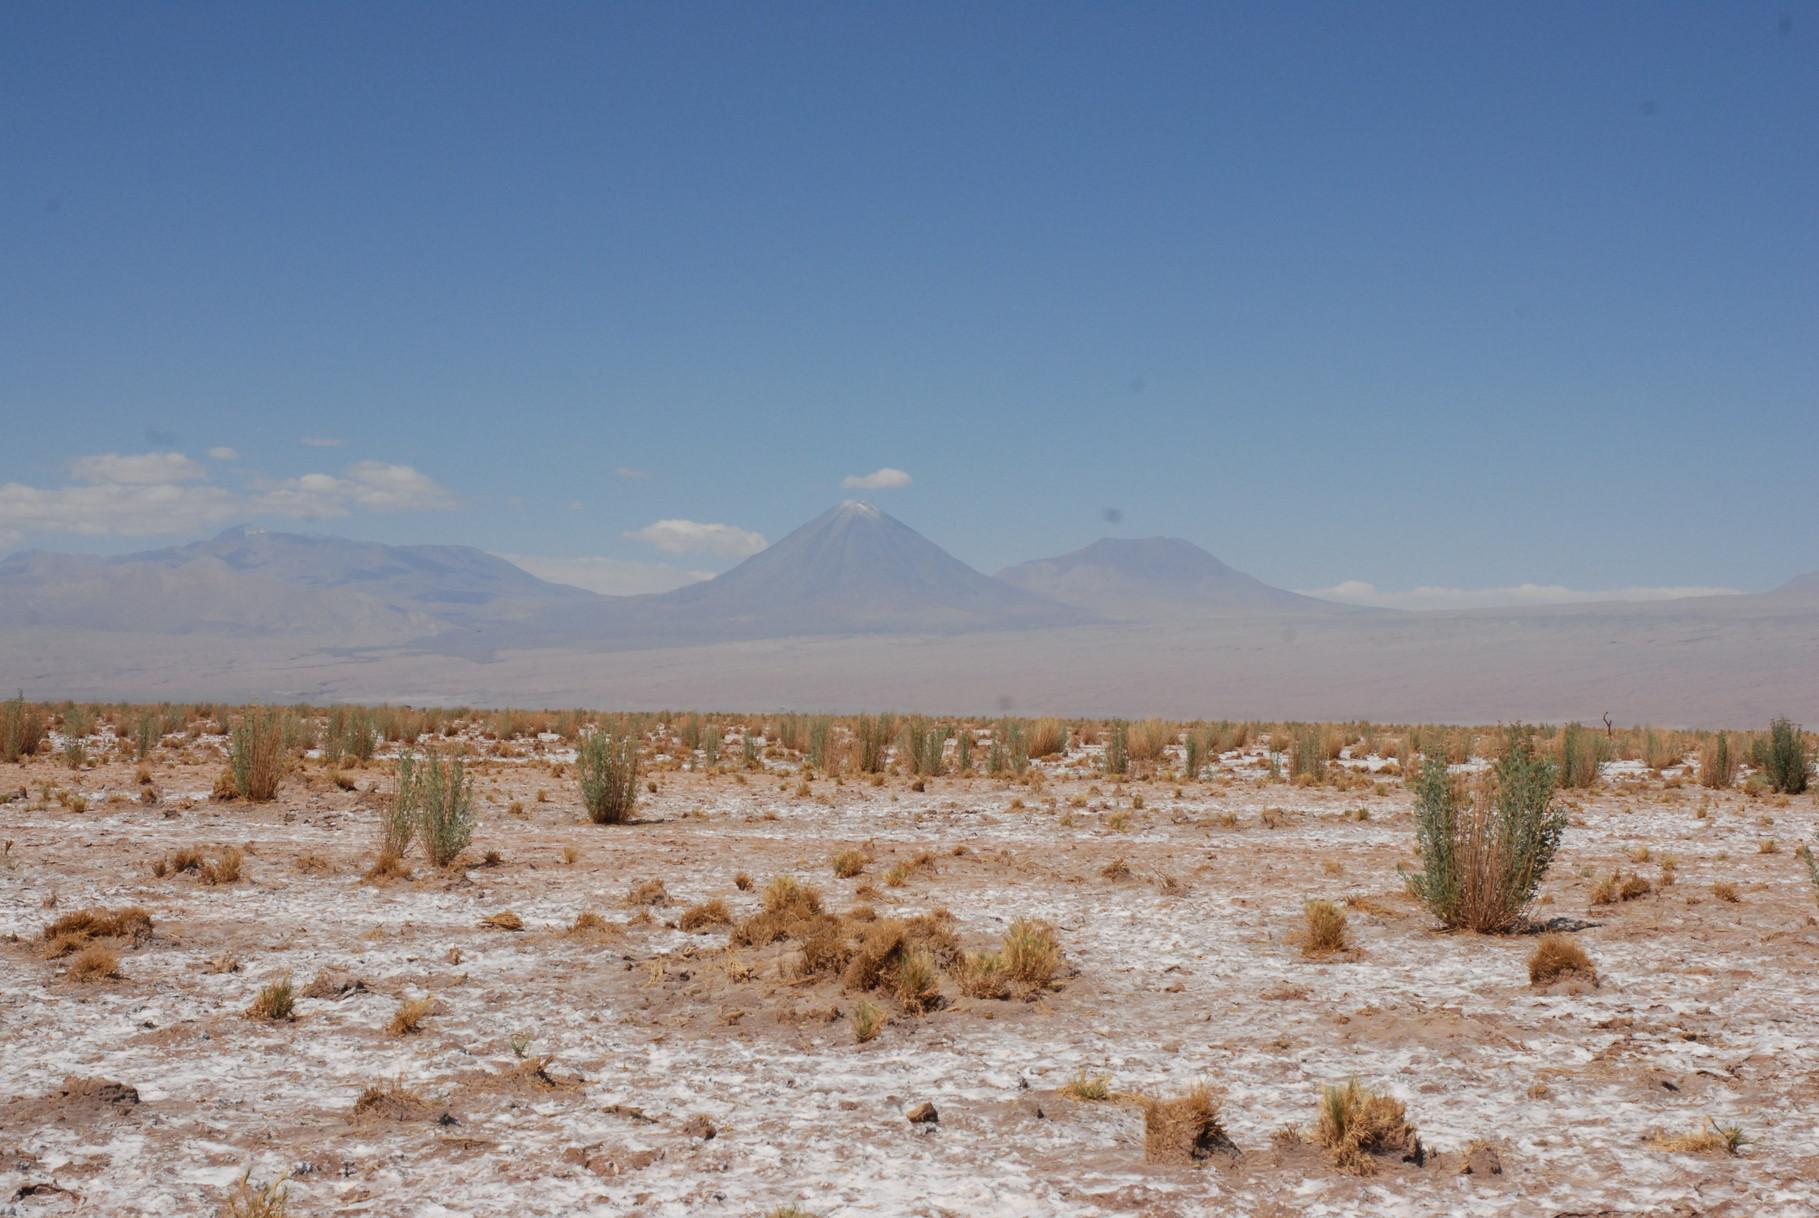 Über die Wüste in die Berge